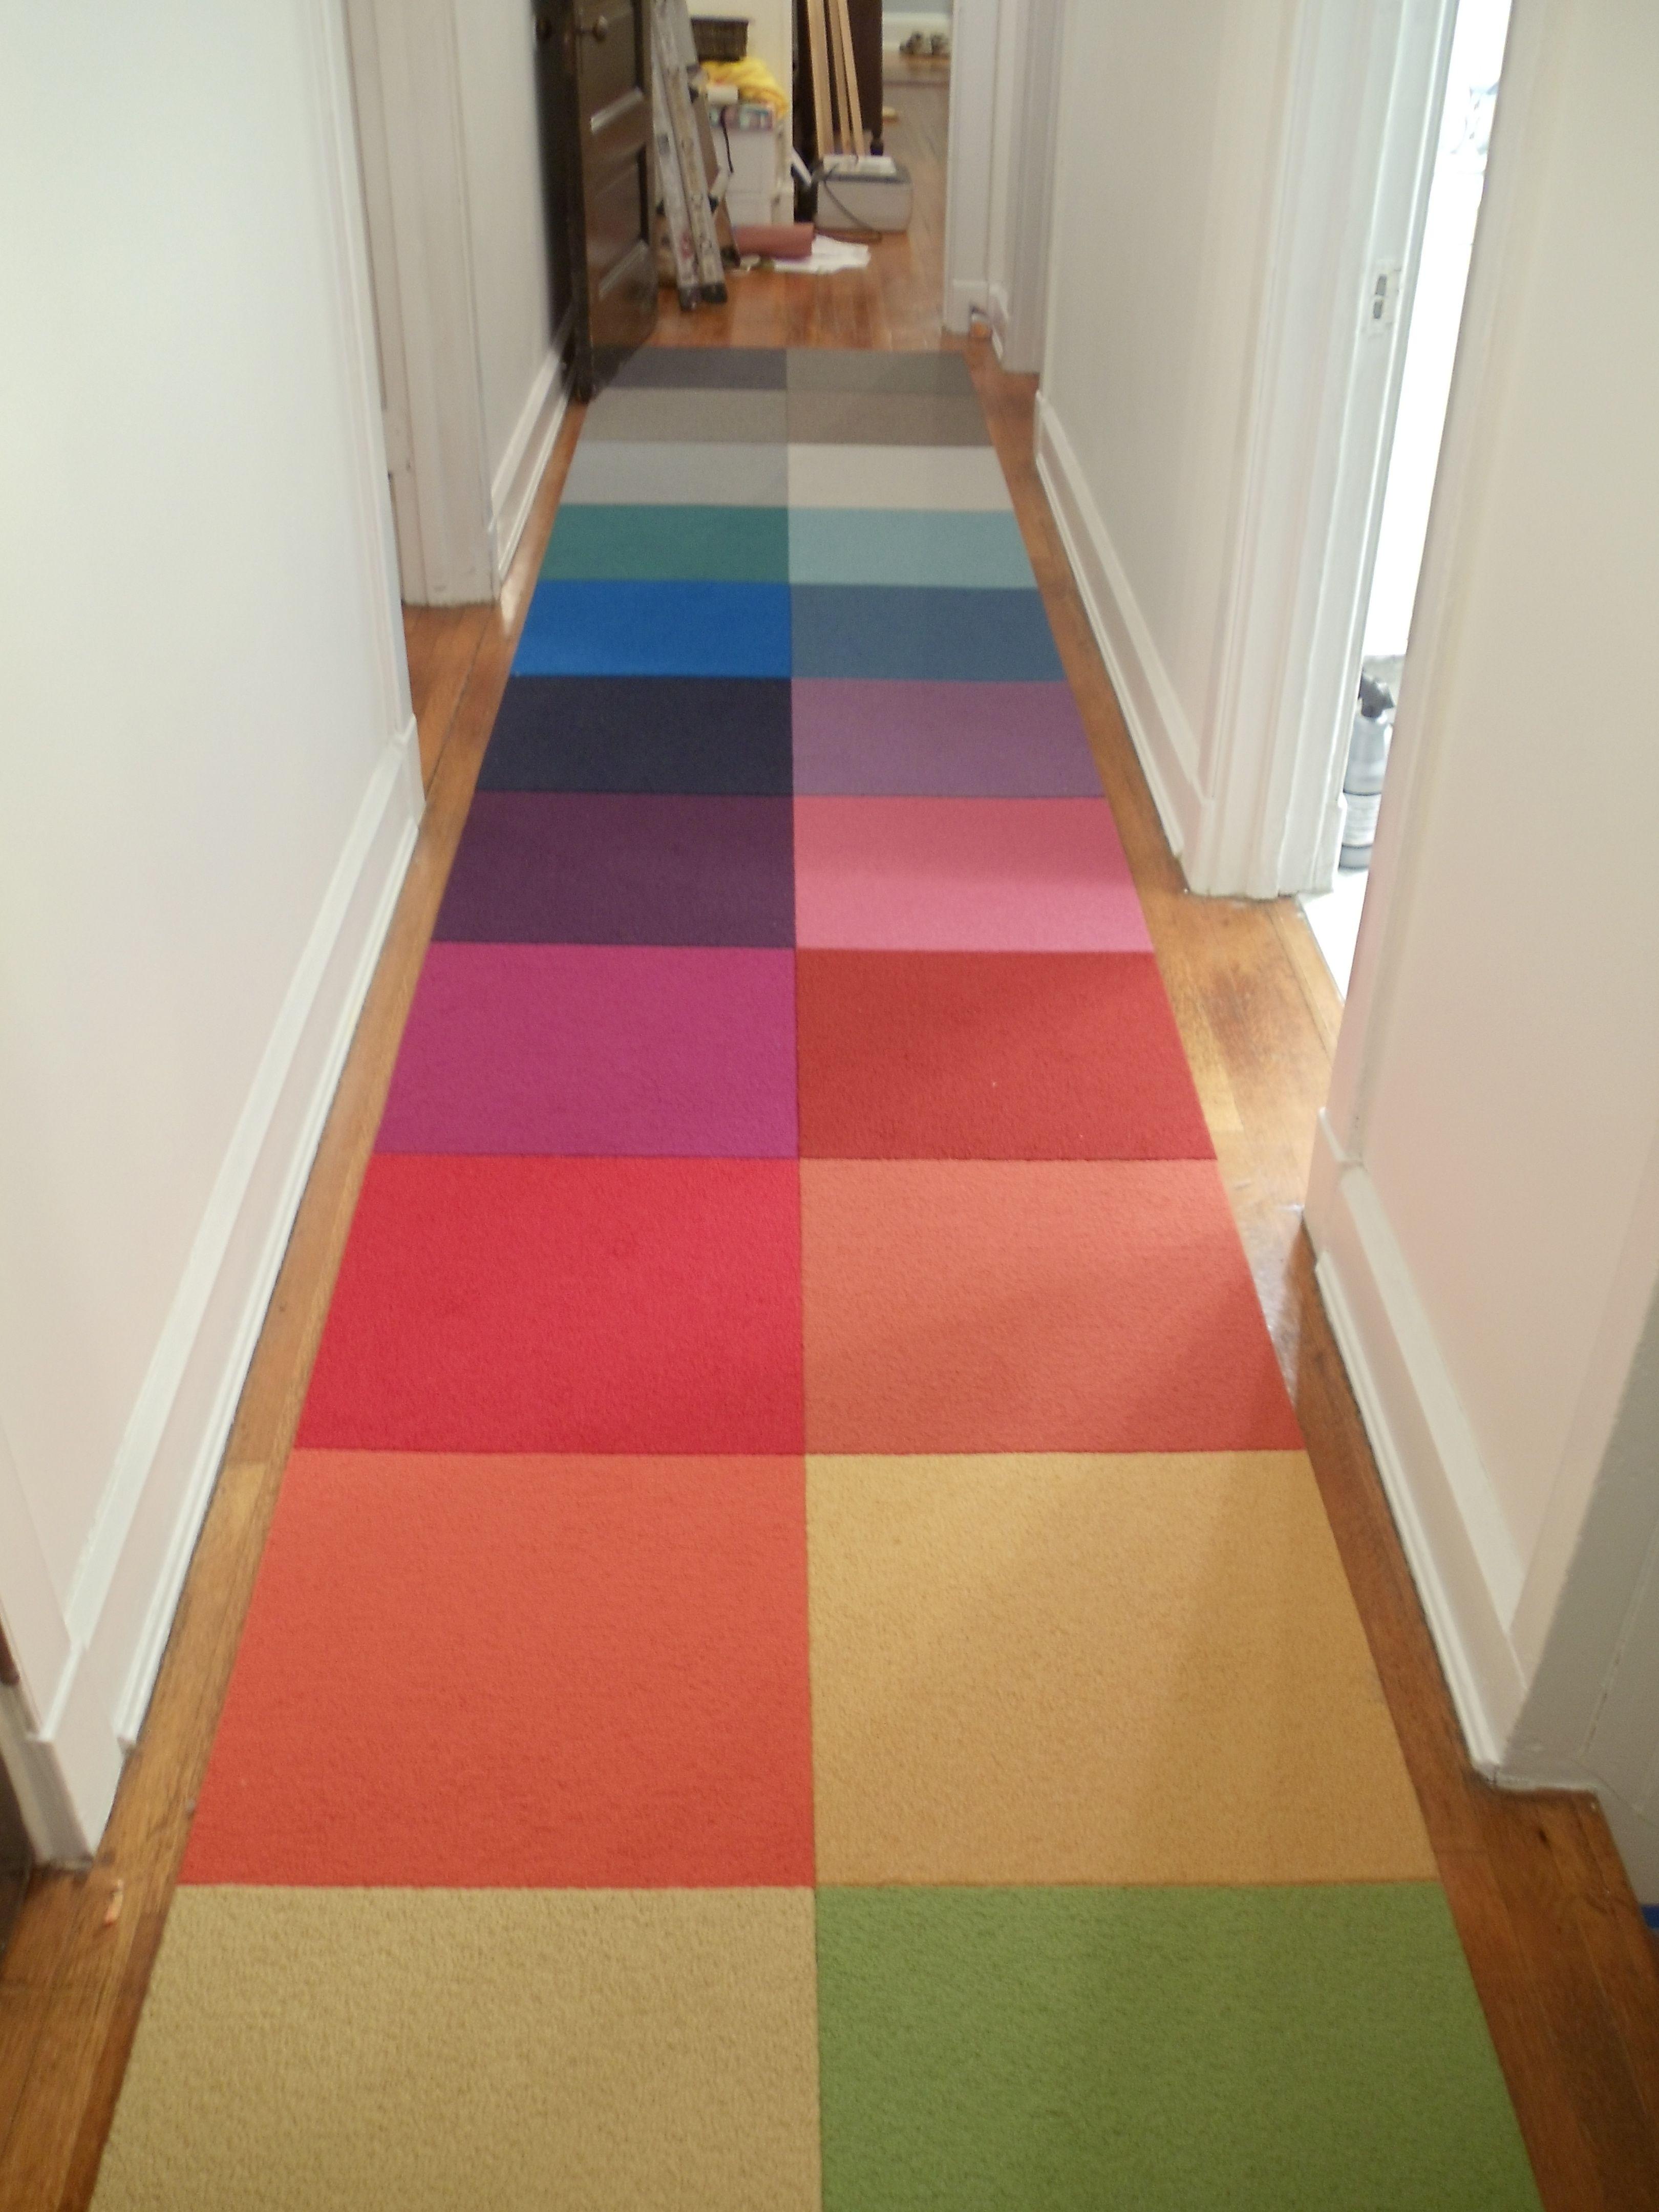 Flor carpet tile runner Project Procrastination